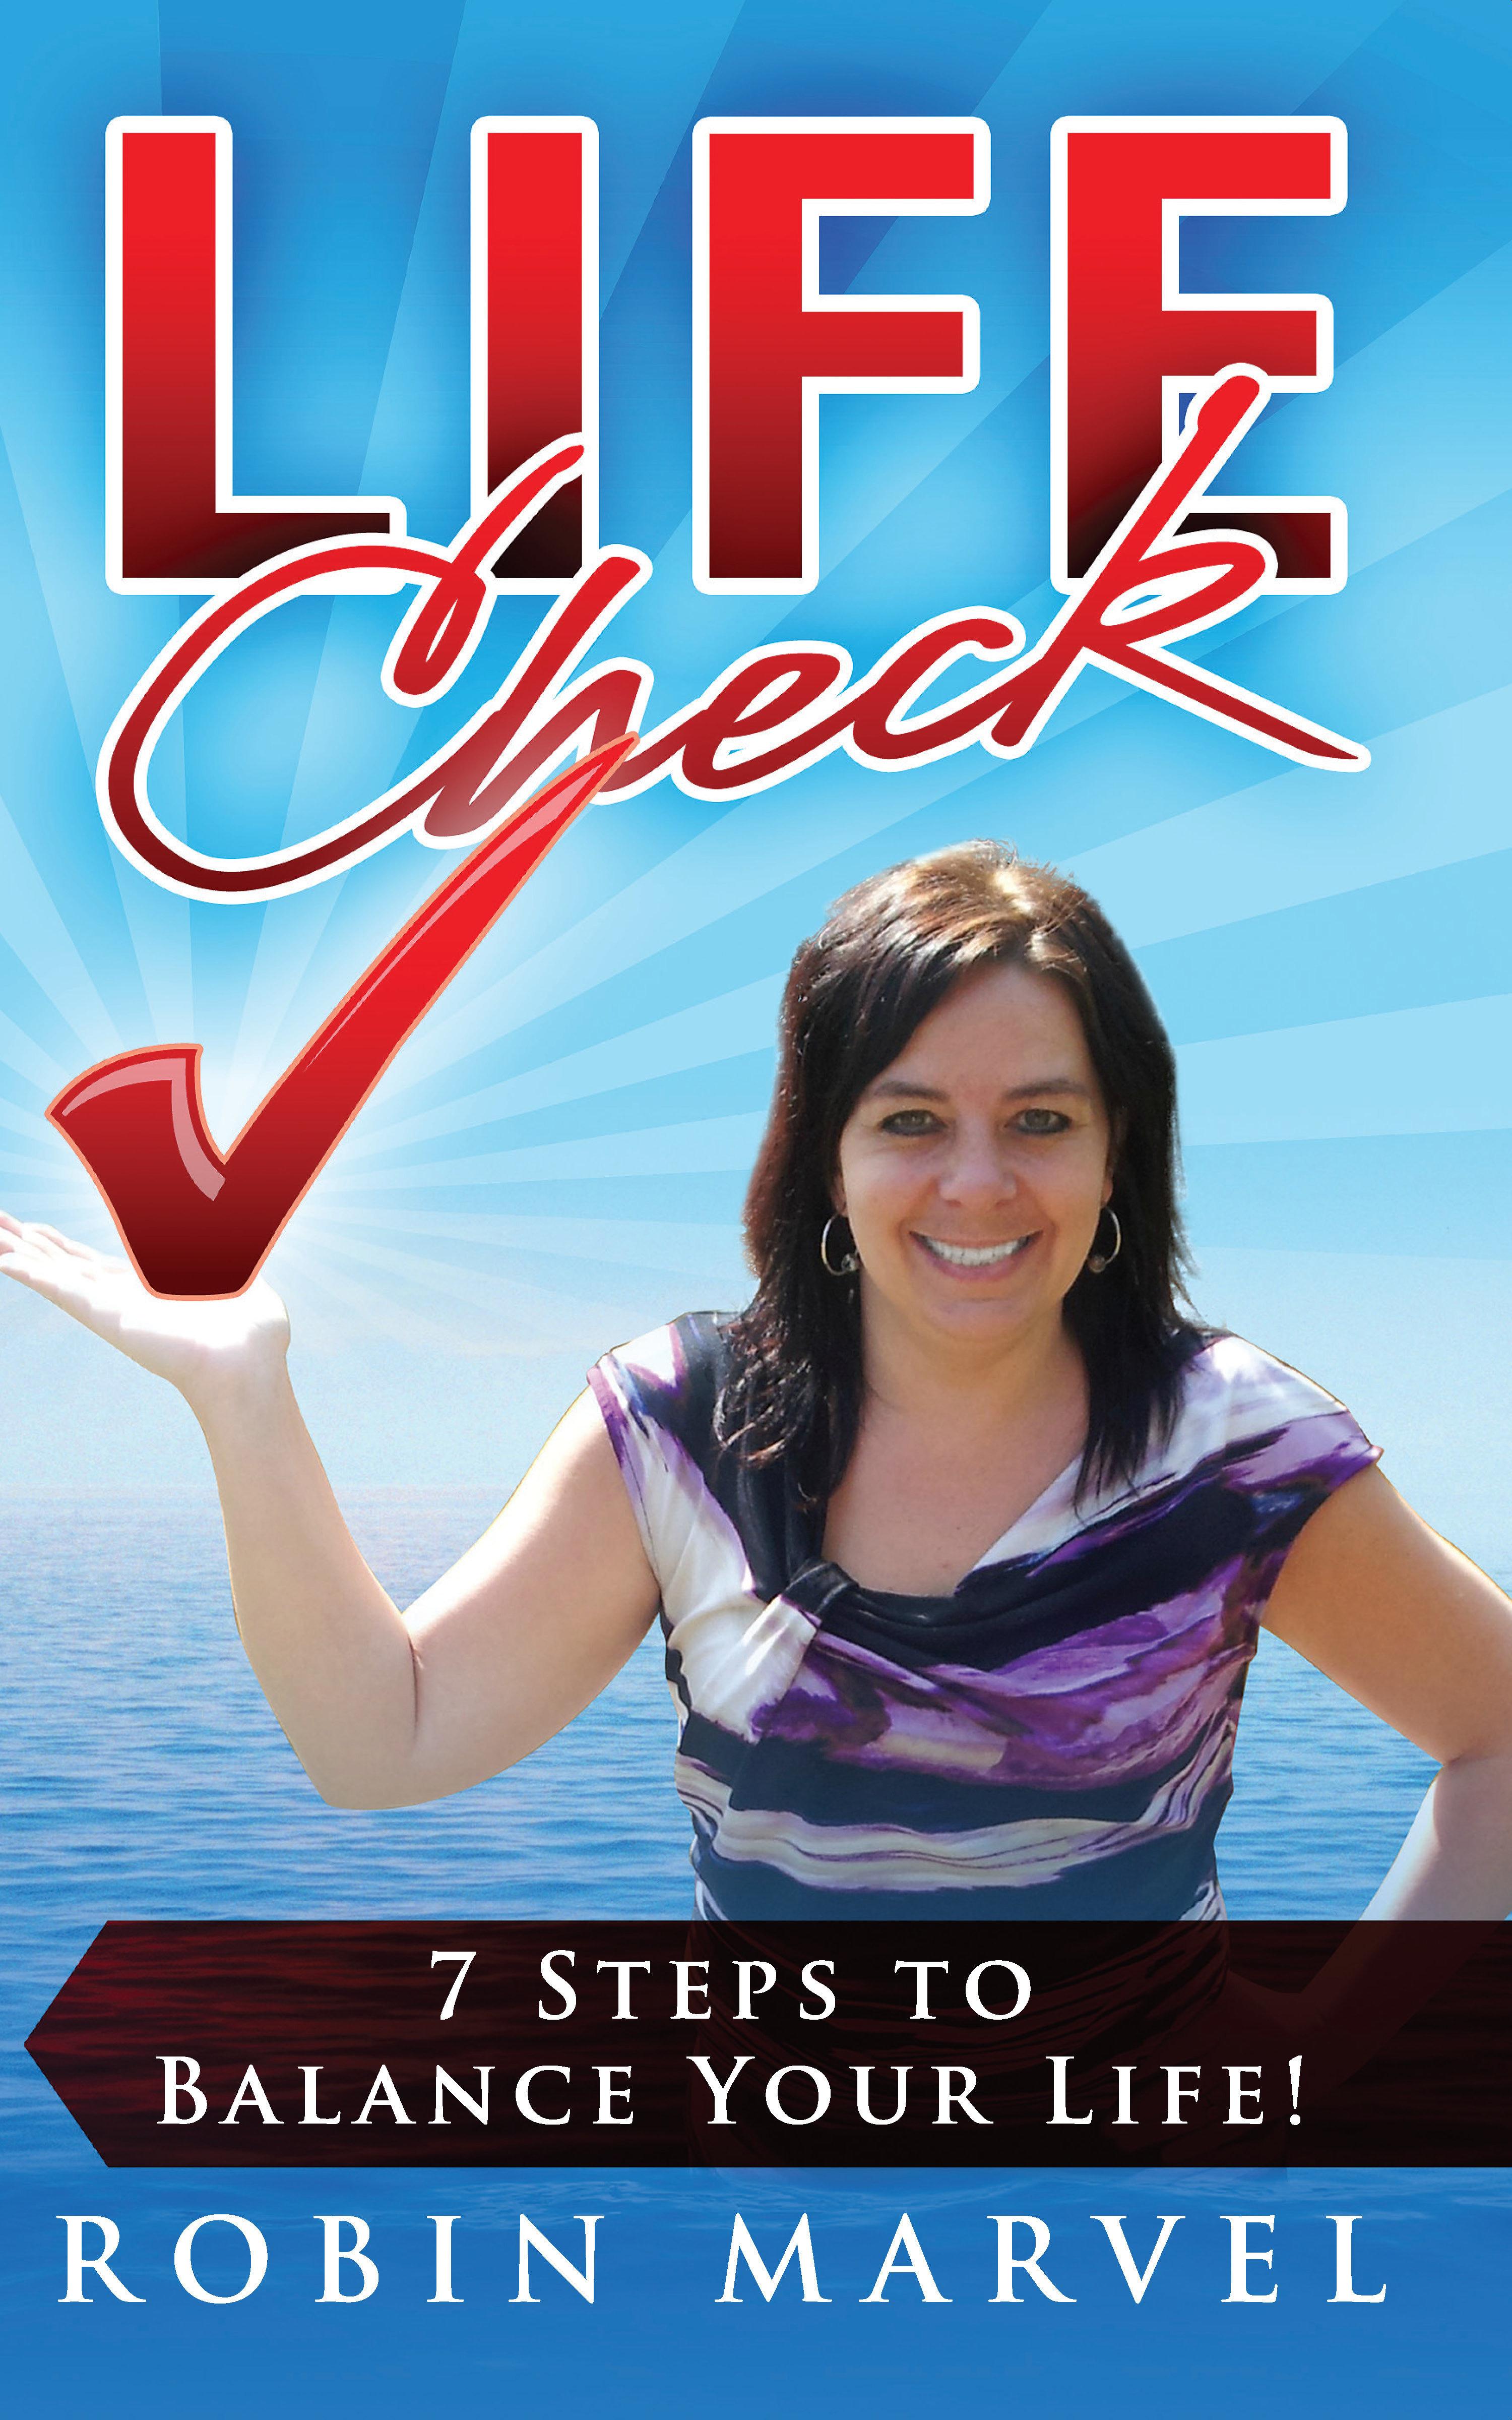 Life Check 978-1-61599-204-1